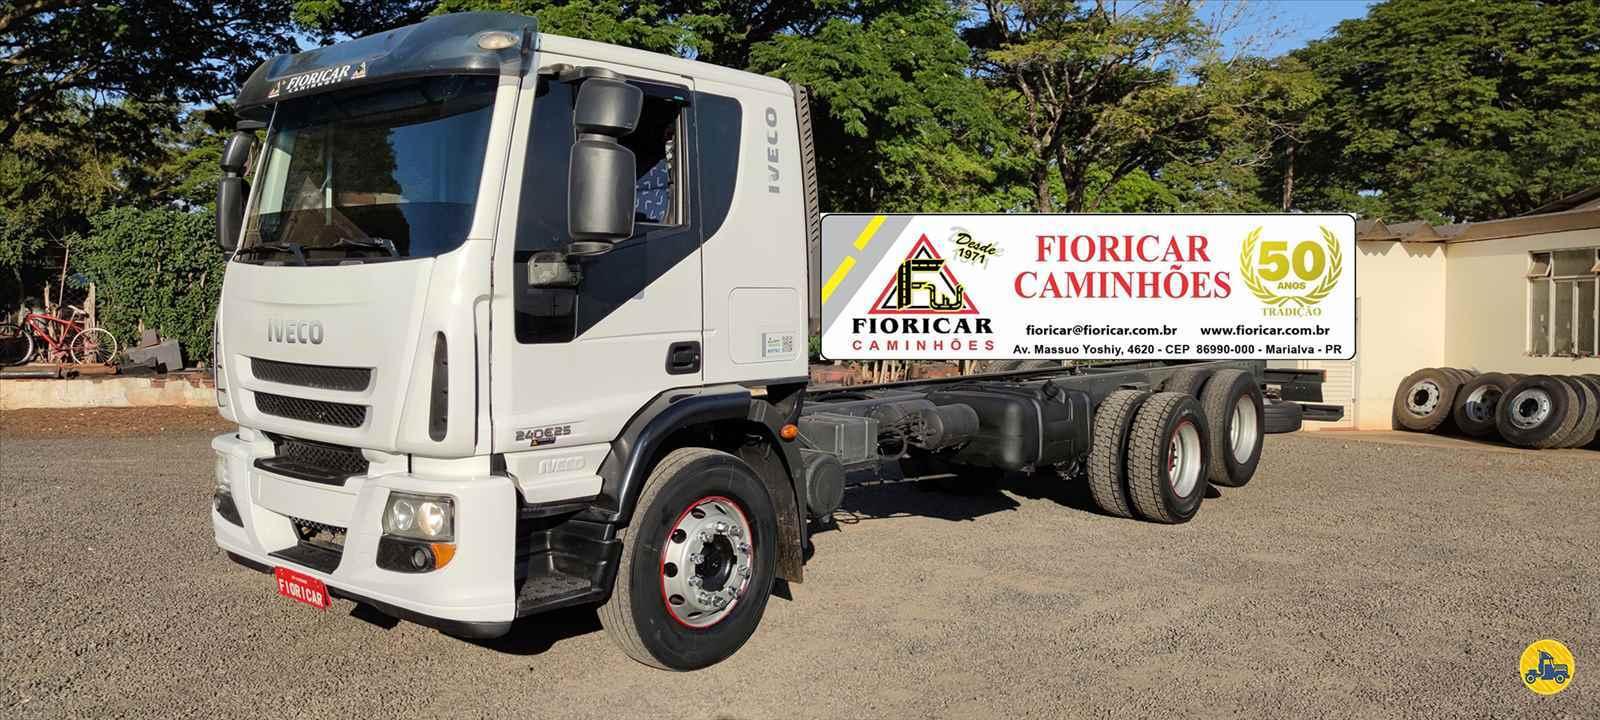 CAMINHAO IVECO TECTOR 240E25 Chassis Truck 6x2 Fioricar Caminhões MARIALVA PARANÁ PR